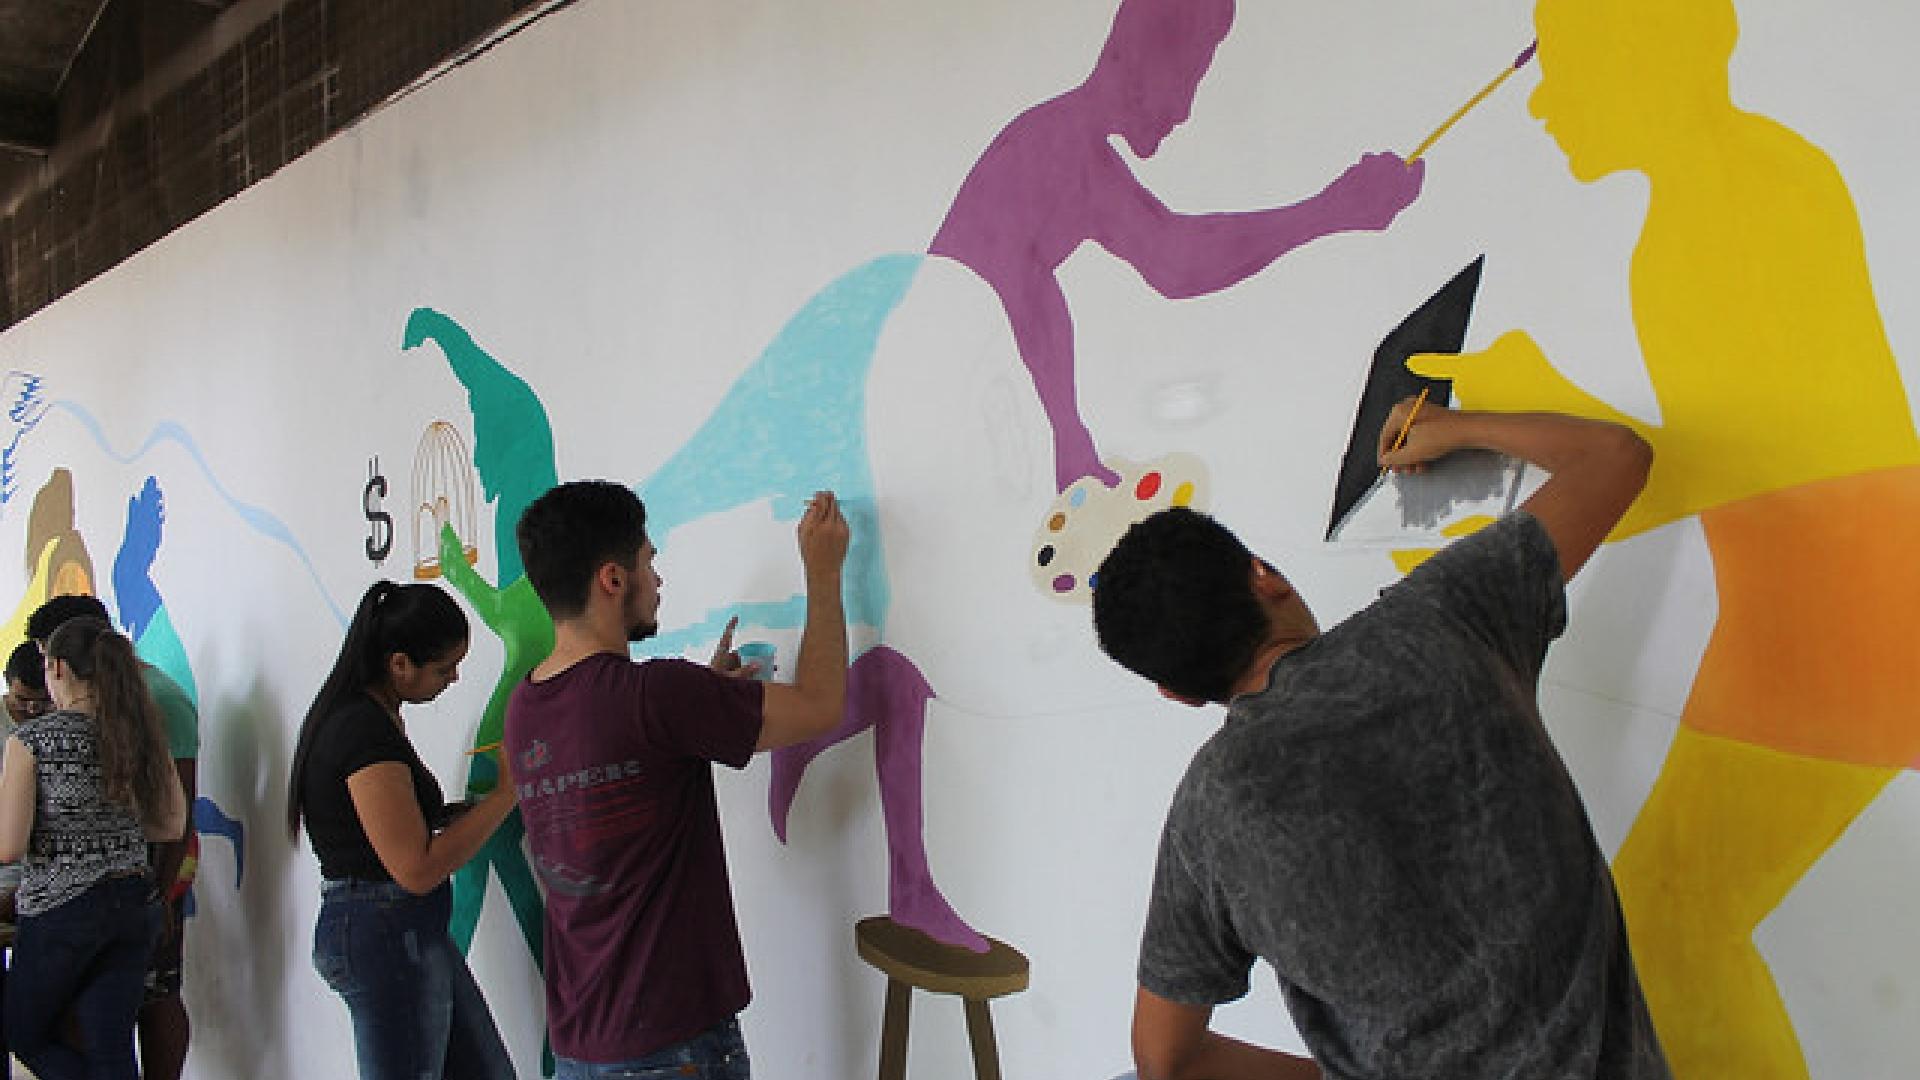 Imagem: alunos pintando silhuetas coloridas em um muro branco